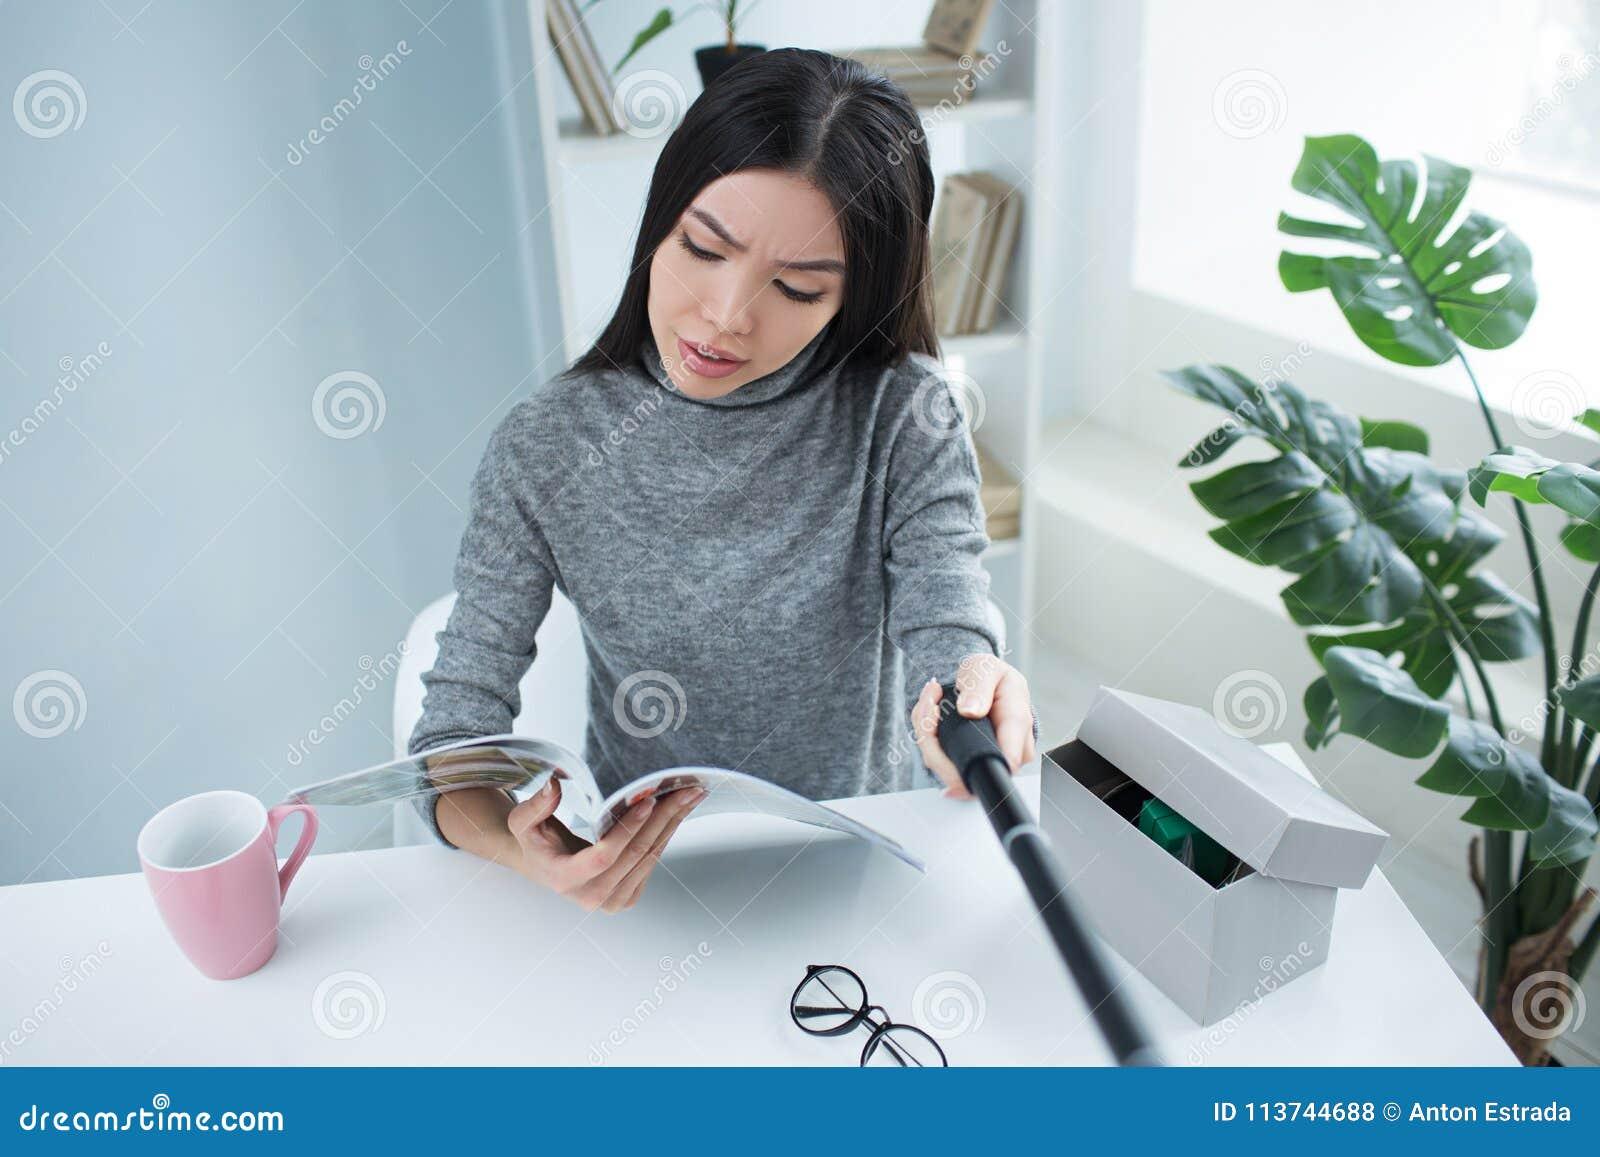 Uma outra imagem do selfie de uma menina que a finja está lendo um jornal A moça está sentando-se em uma sala agradável próximo